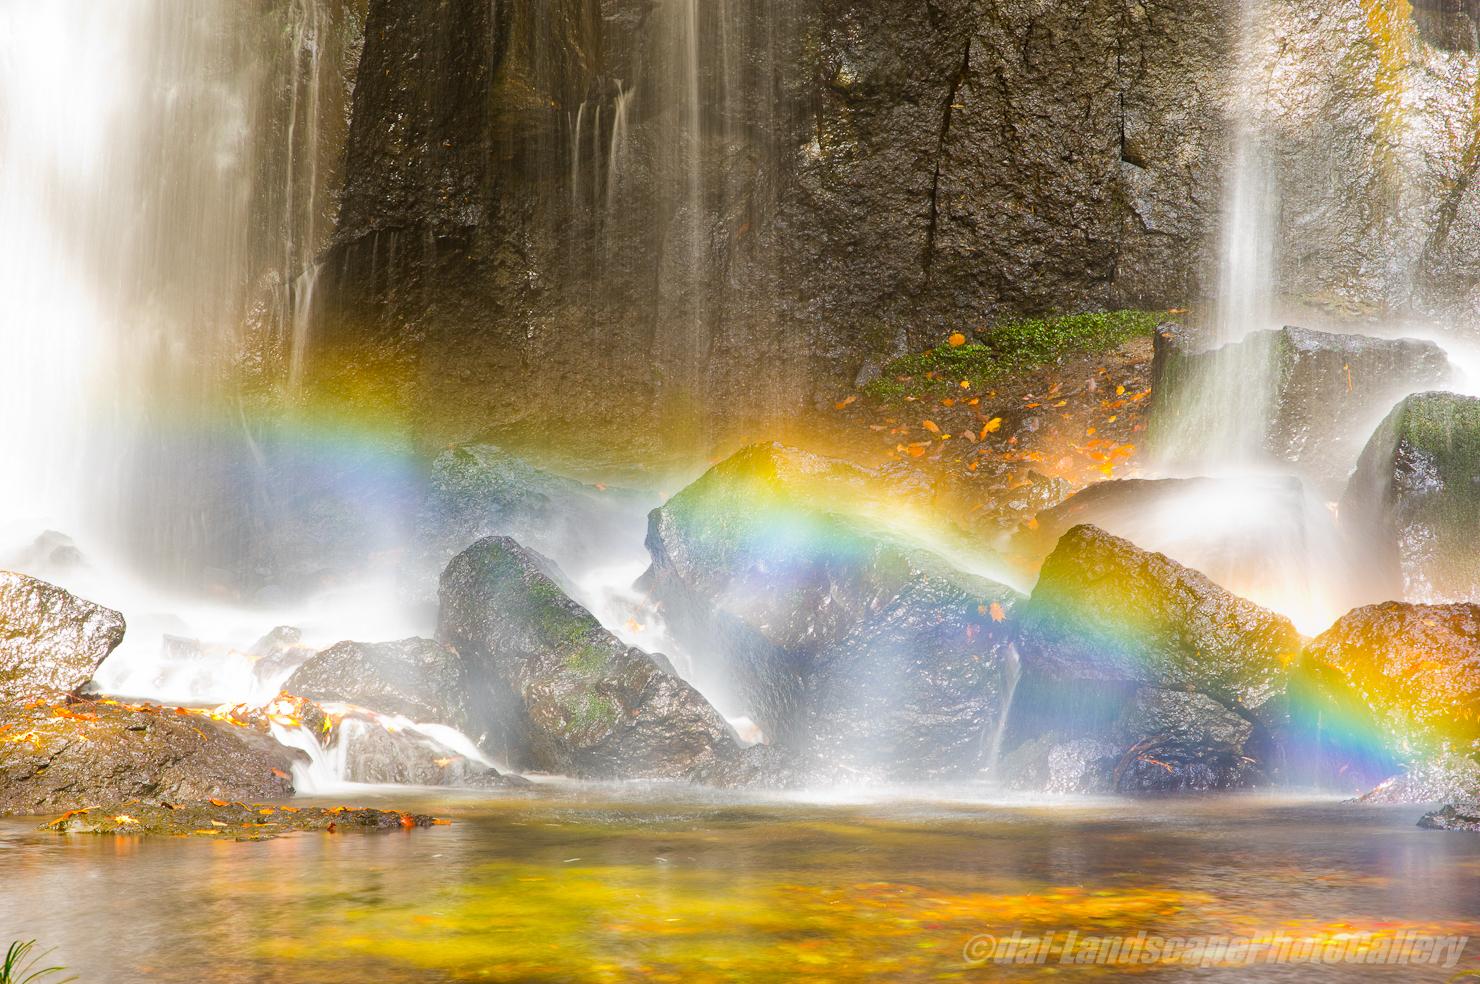 達沢不動滝の虹と紅葉風景